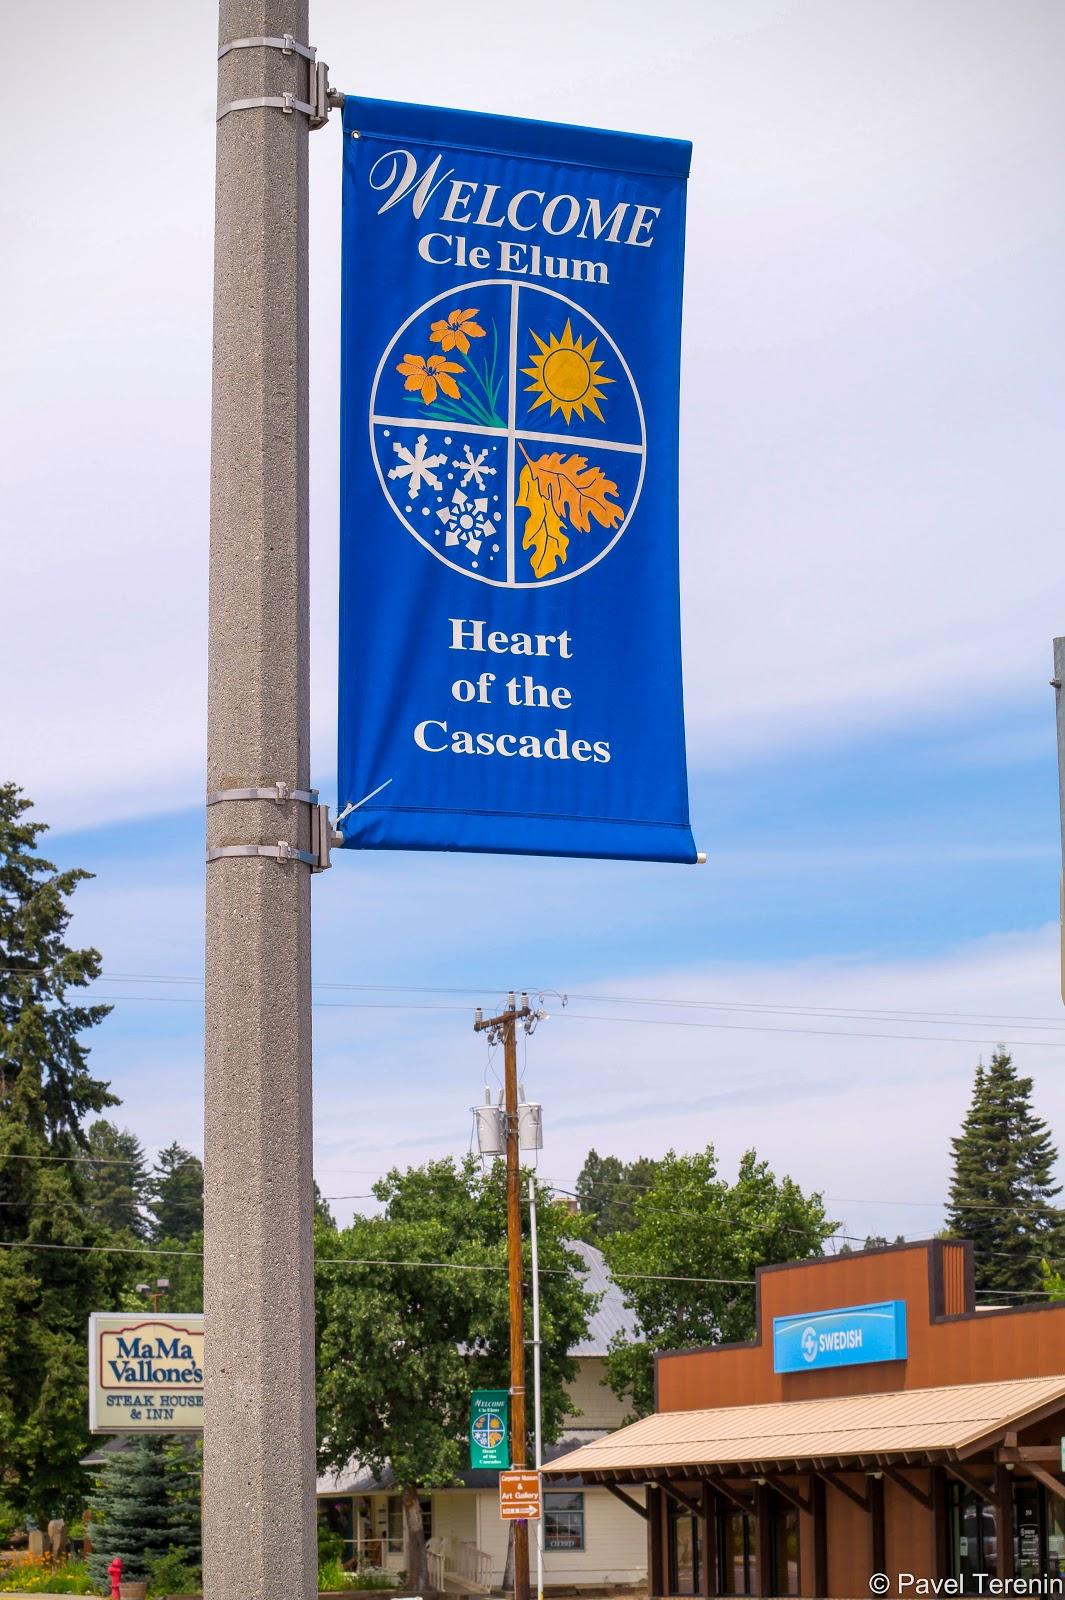 Почти в центре горного хребта находится городок Кле-Ельм: как гласит плакат на въезде - сердце Каскадных гор.